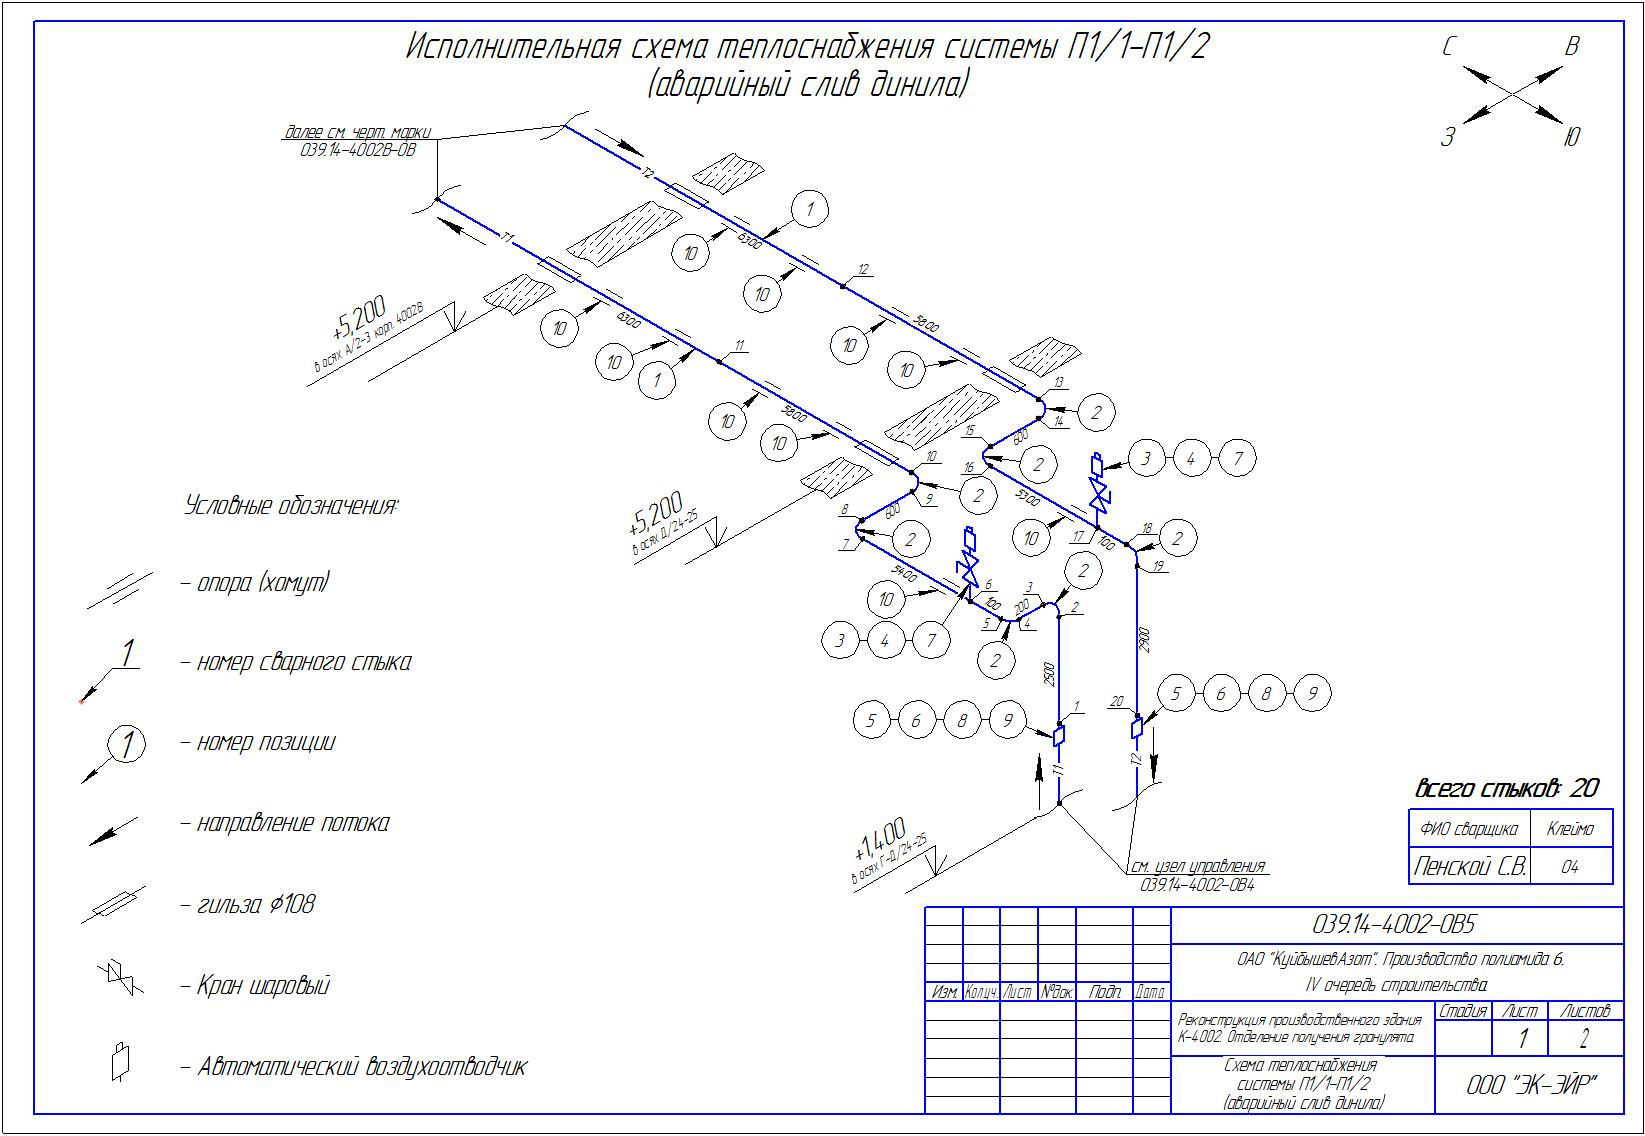 теплоснабжение систем П1.1,П1.2